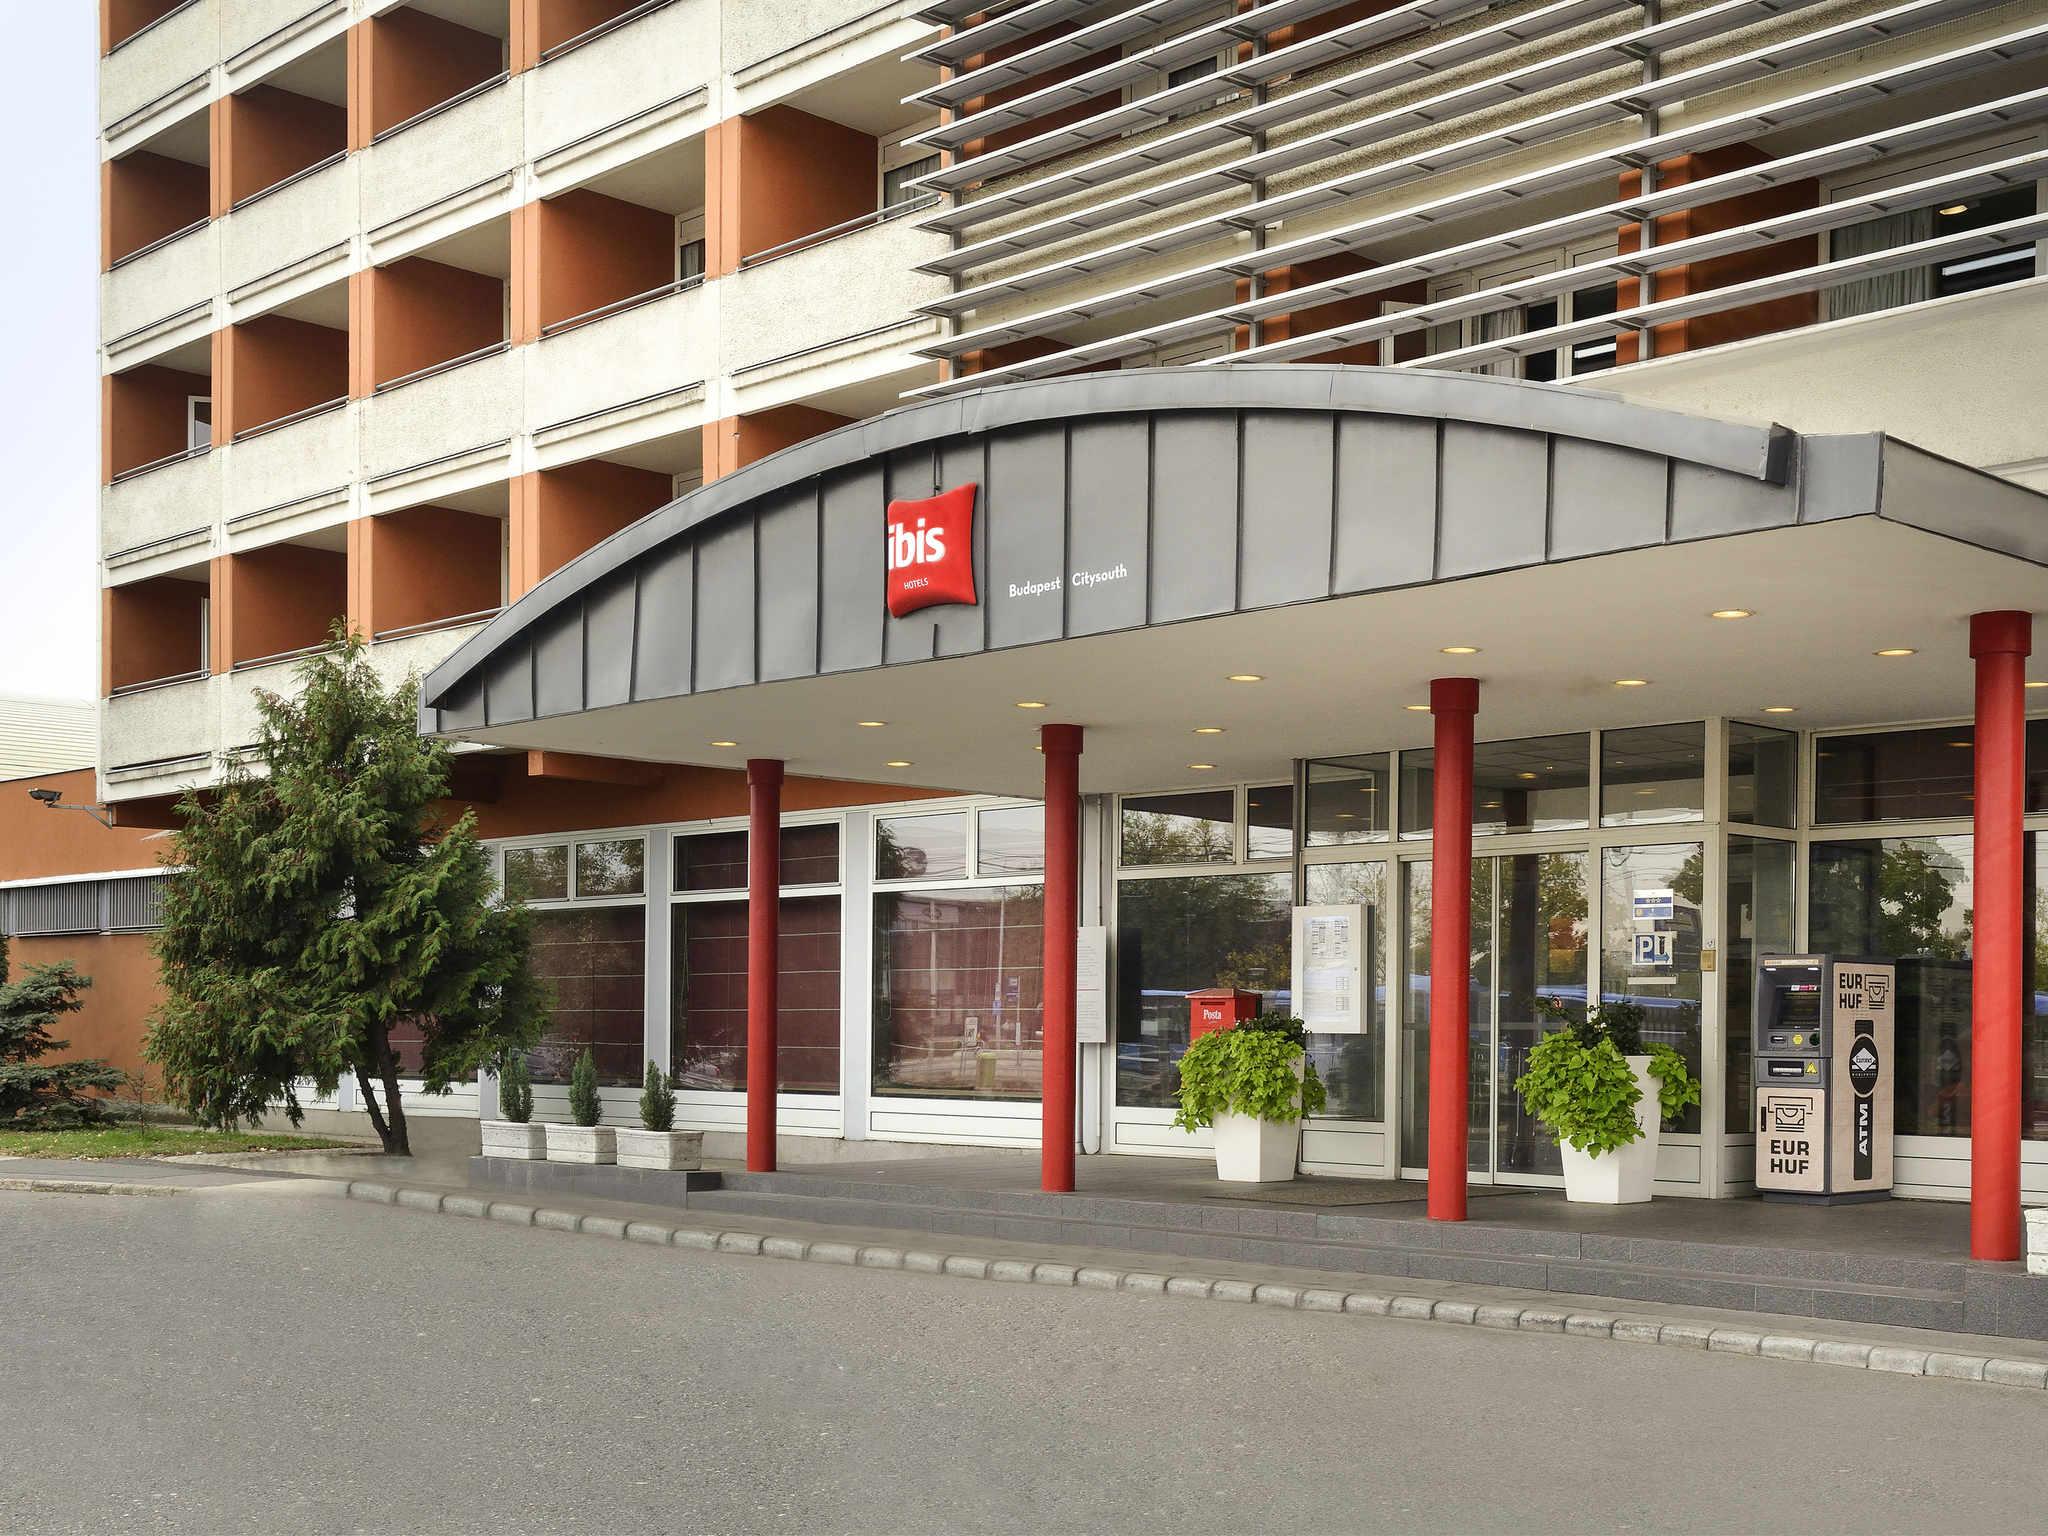 酒店 – 宜必思布达佩斯航空酒店